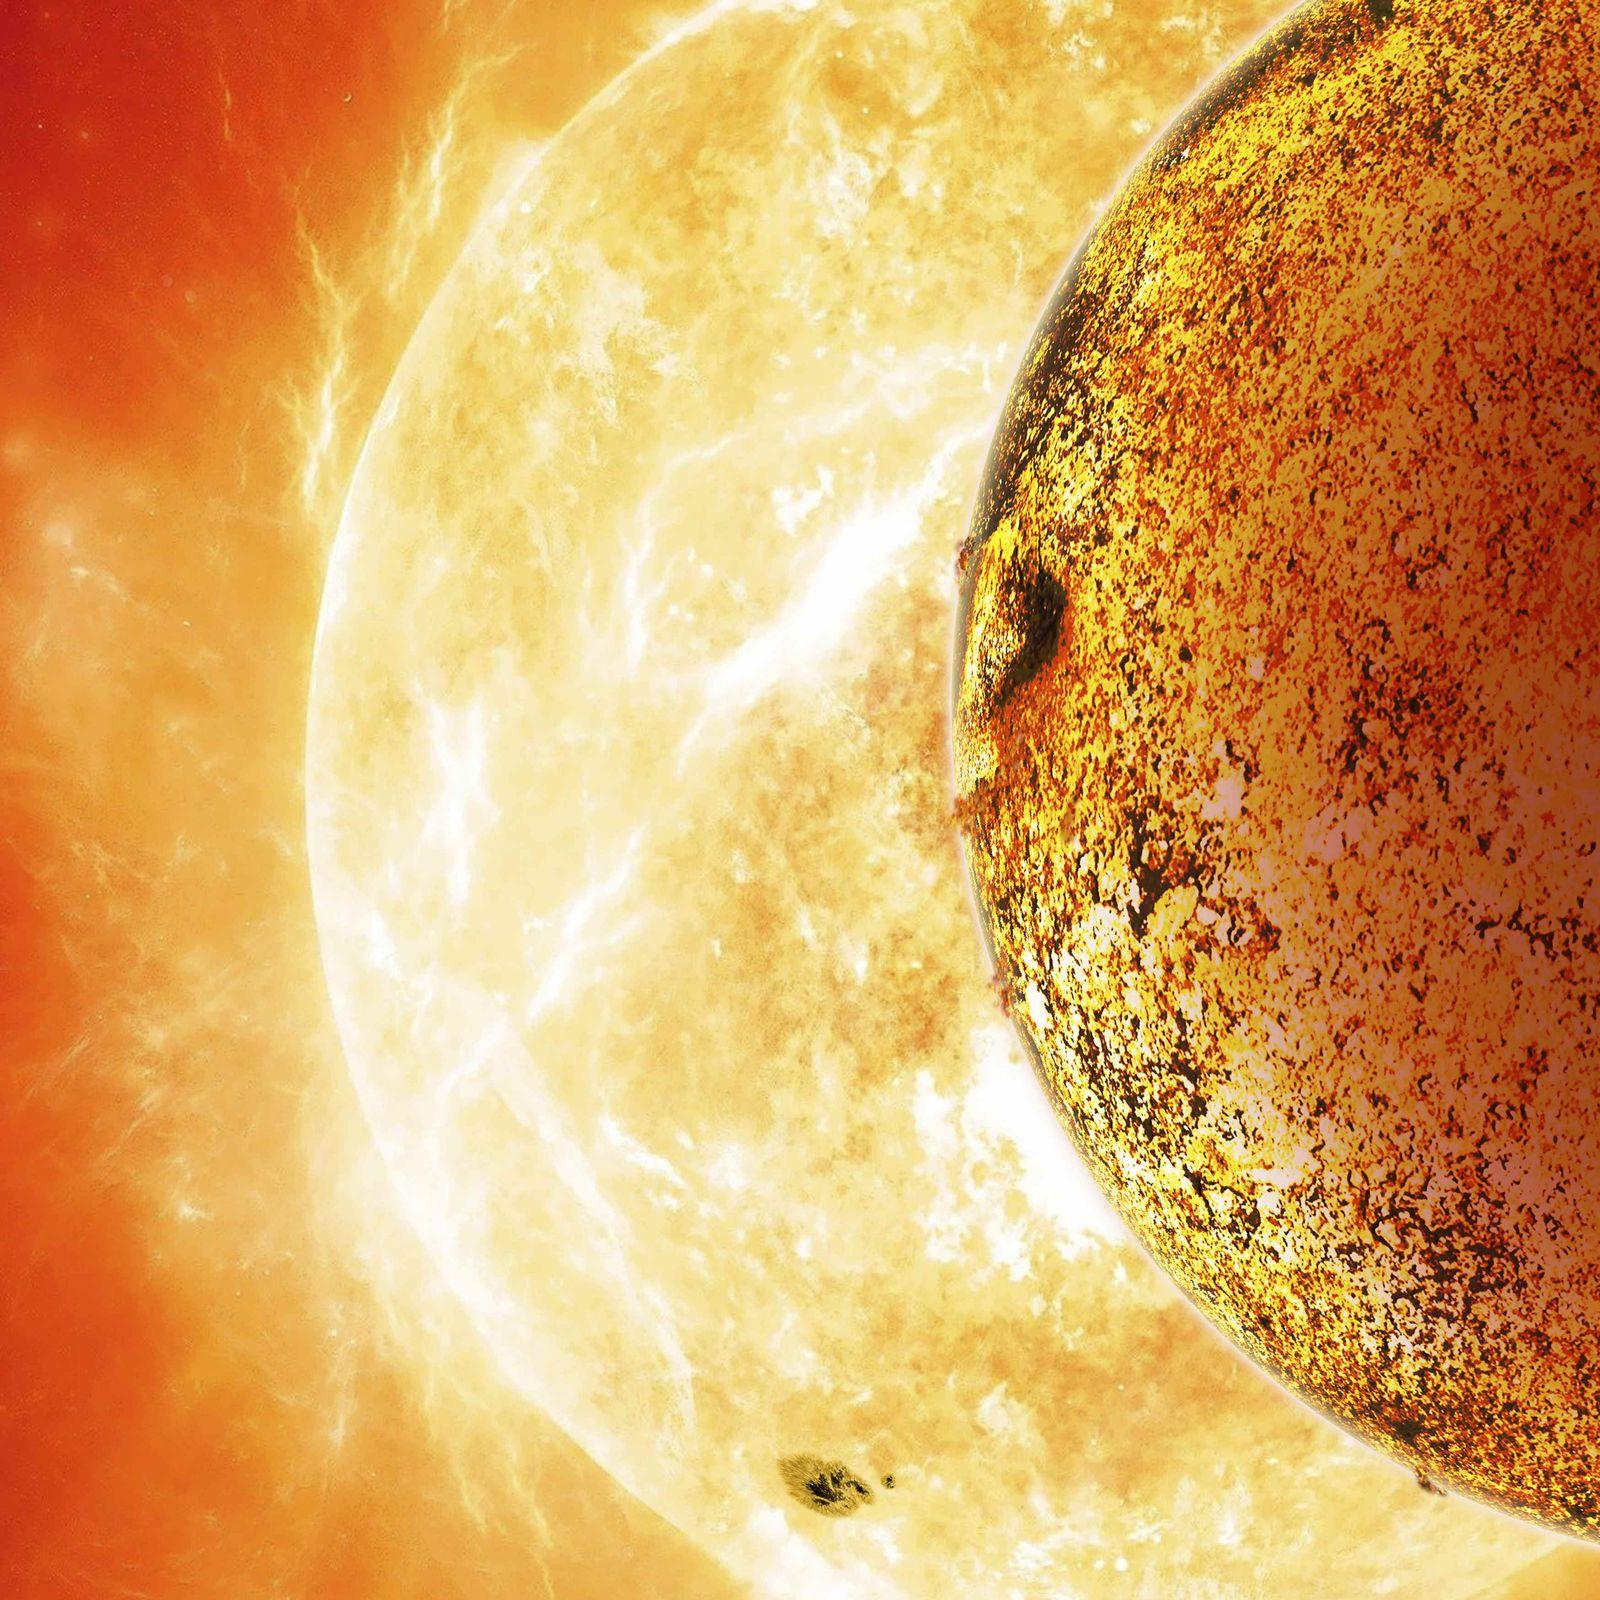 Exoplanet Kepler-78b